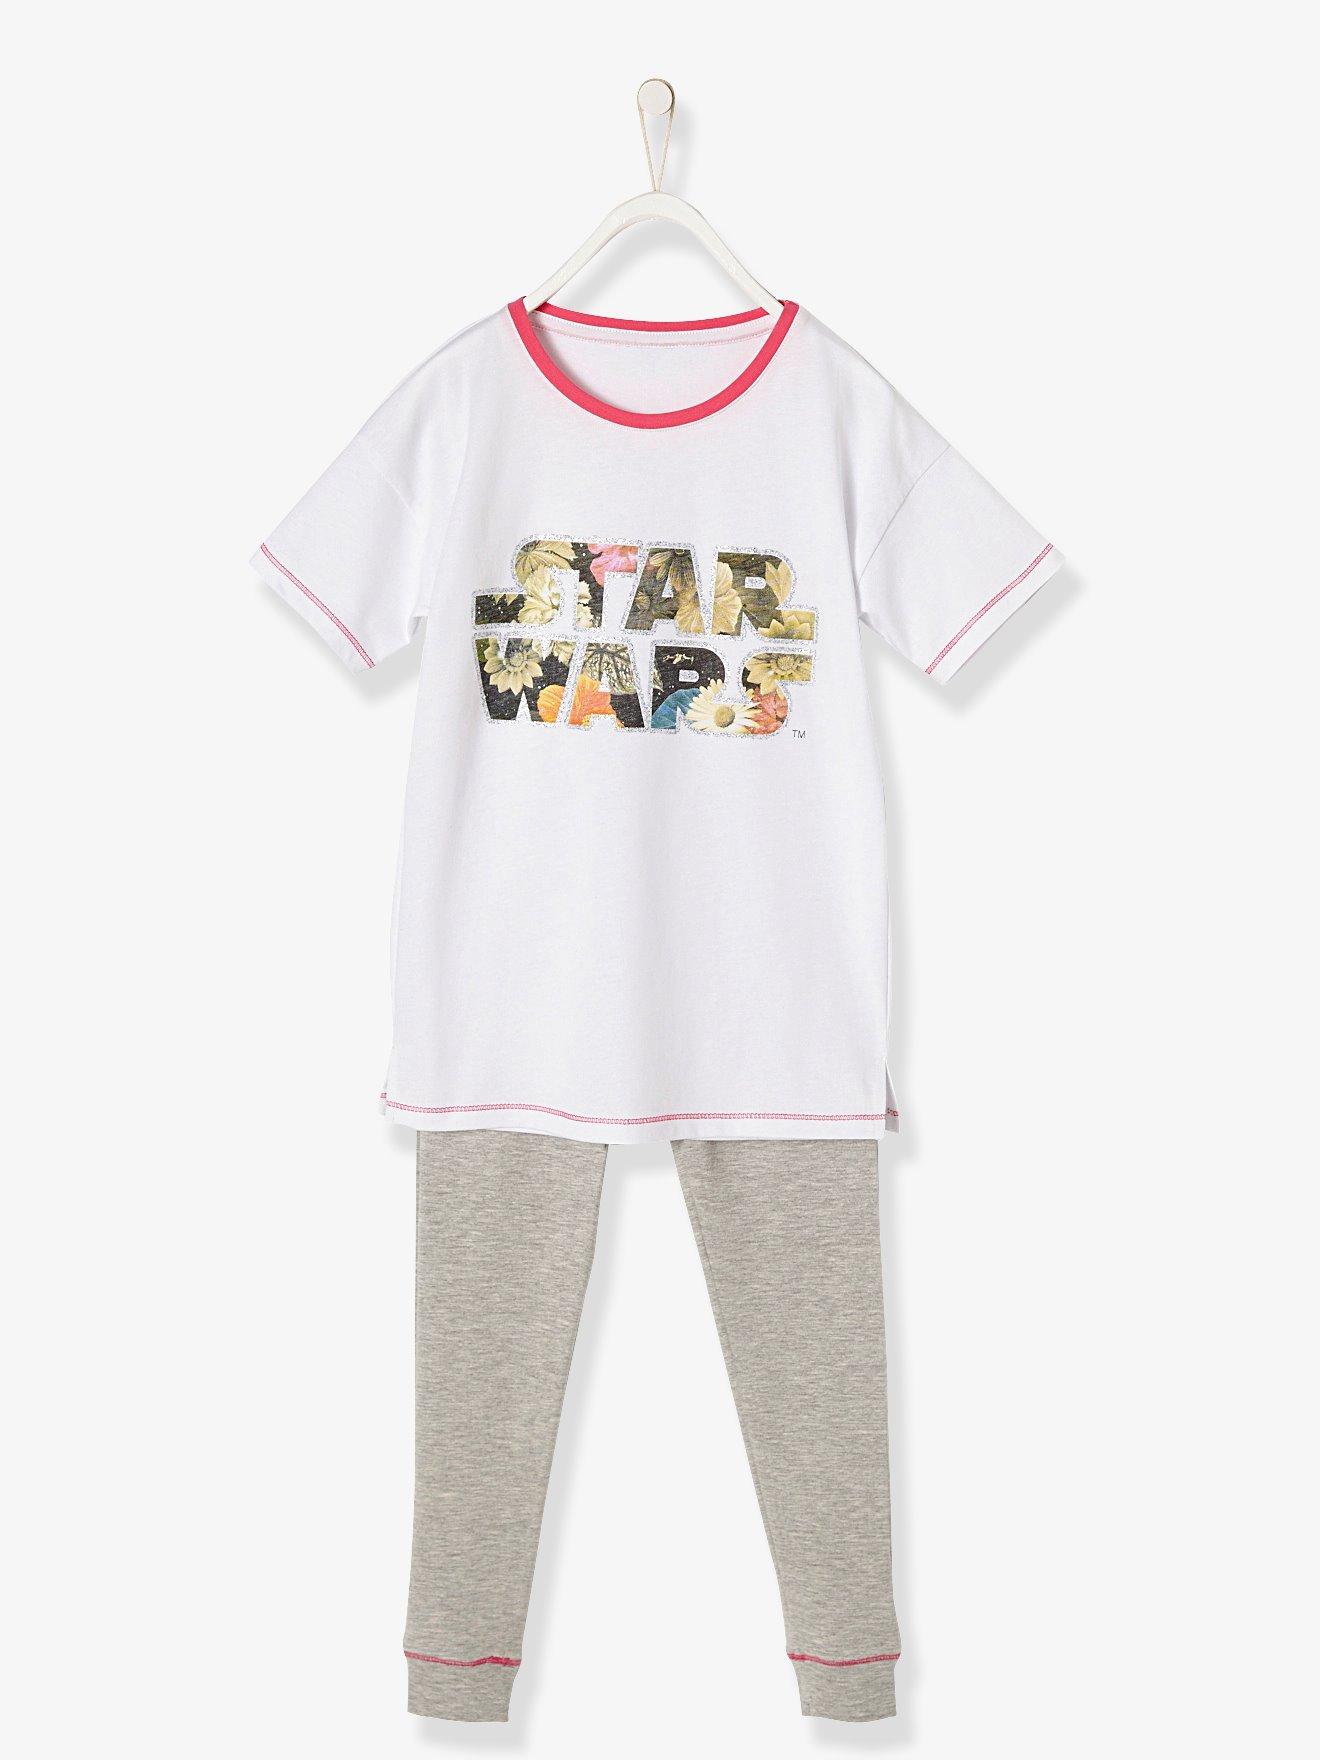 ad25a6a7f Pijama estampado niña star wars® blanco claro liso con motivos